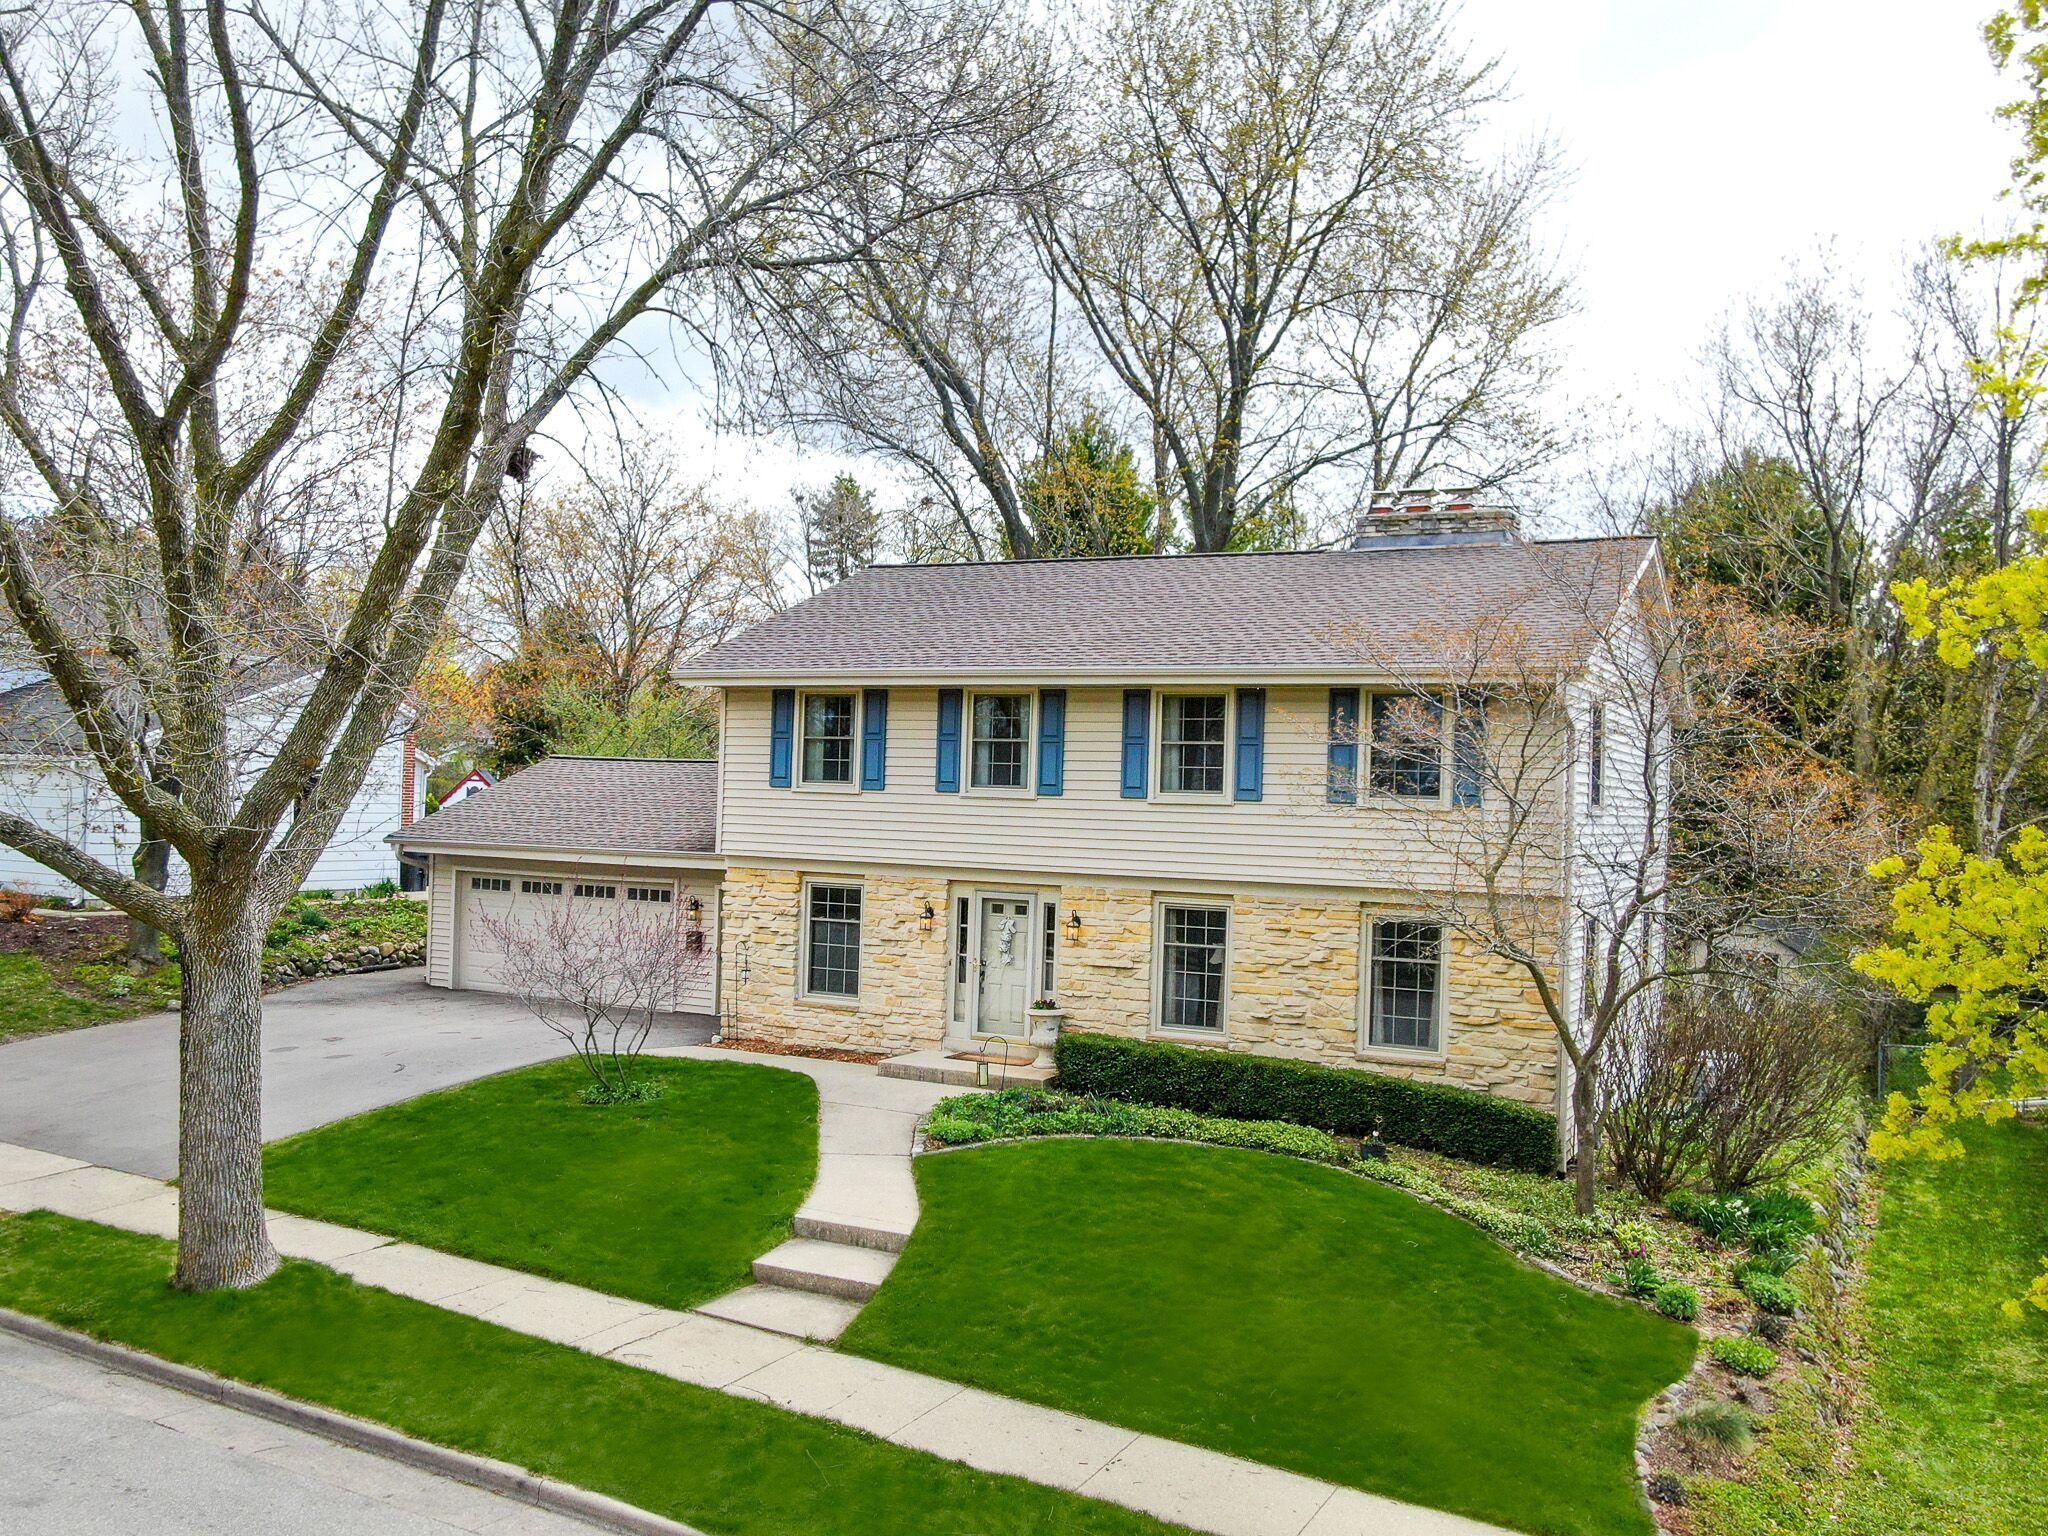 1233 Wedgewood Dr, Waukesha, Wisconsin 53186, 4 Bedrooms Bedrooms, 8 Rooms Rooms,2 BathroomsBathrooms,Single-Family,For Sale,Wedgewood Dr,1688741